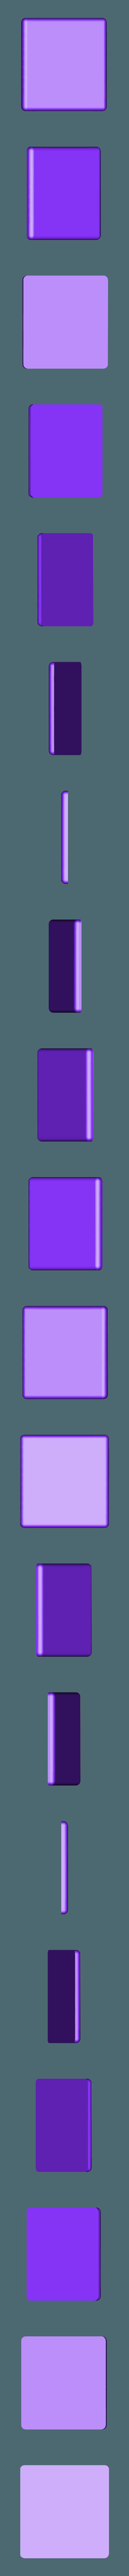 interupteur de porte2.stl Télécharger fichier STL gratuit interrupteur de porte ( ex. comme les frigo ) • Design pour impression 3D, daminou10